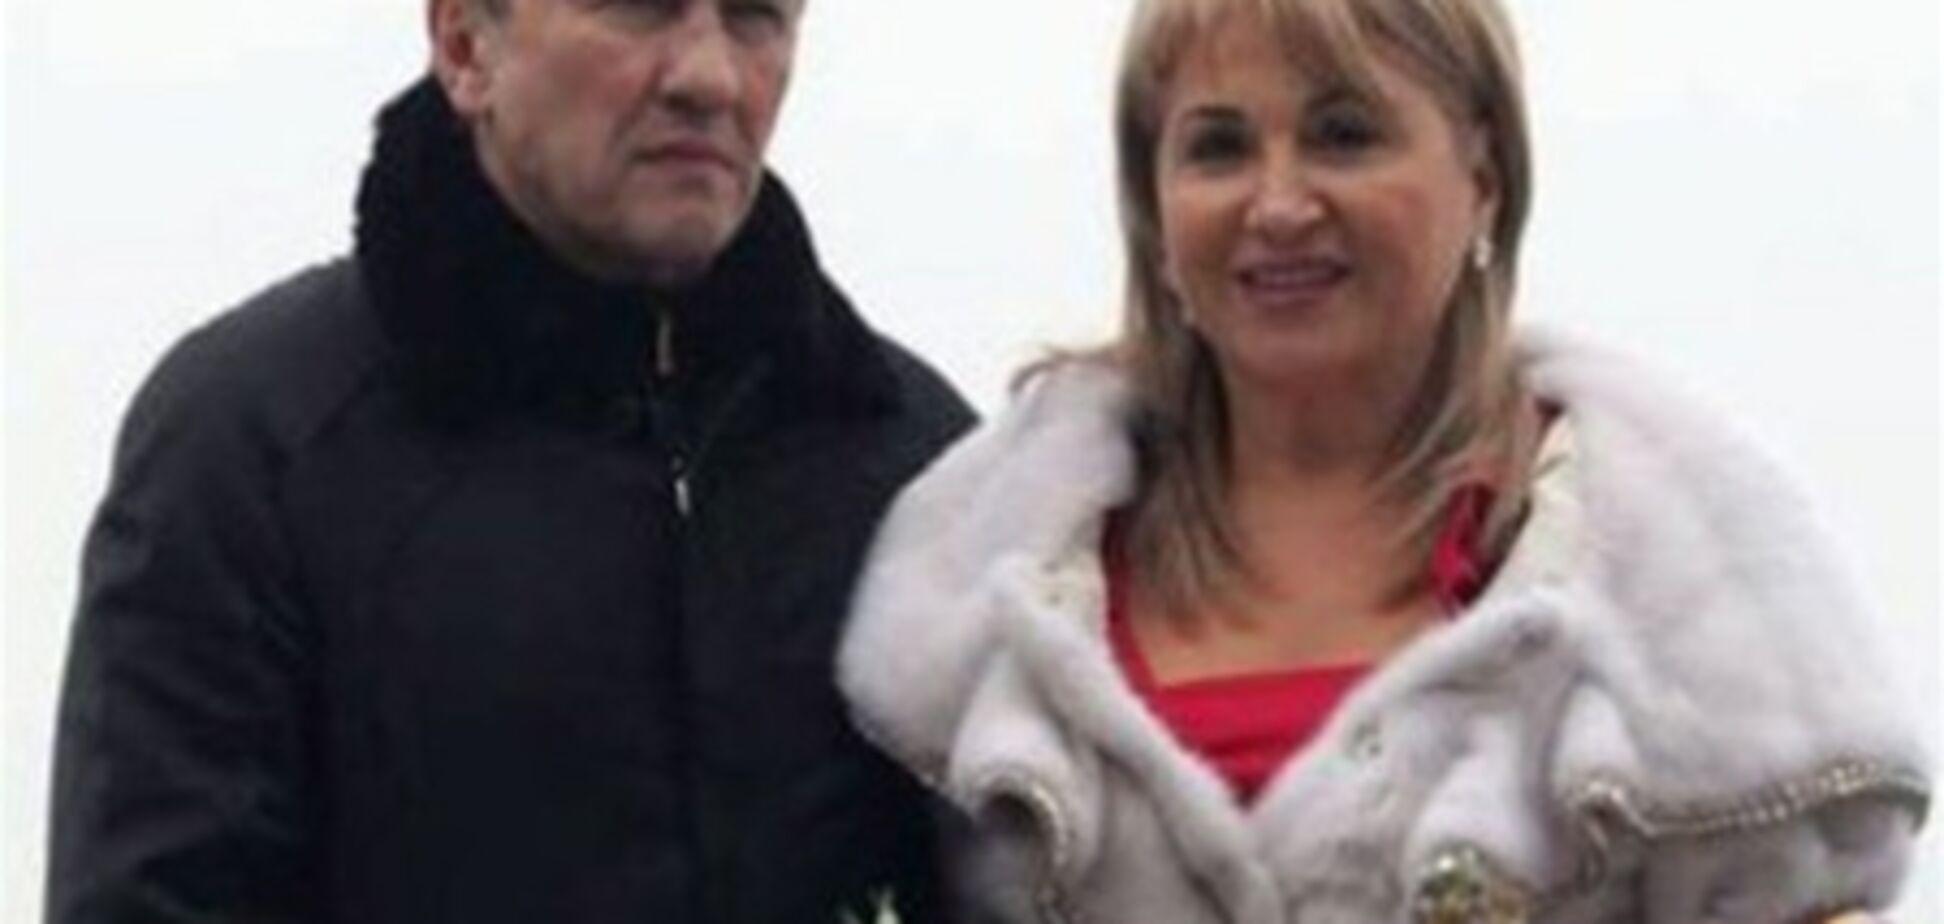 Суд решит судьбу семьи Черновецких в конце октября